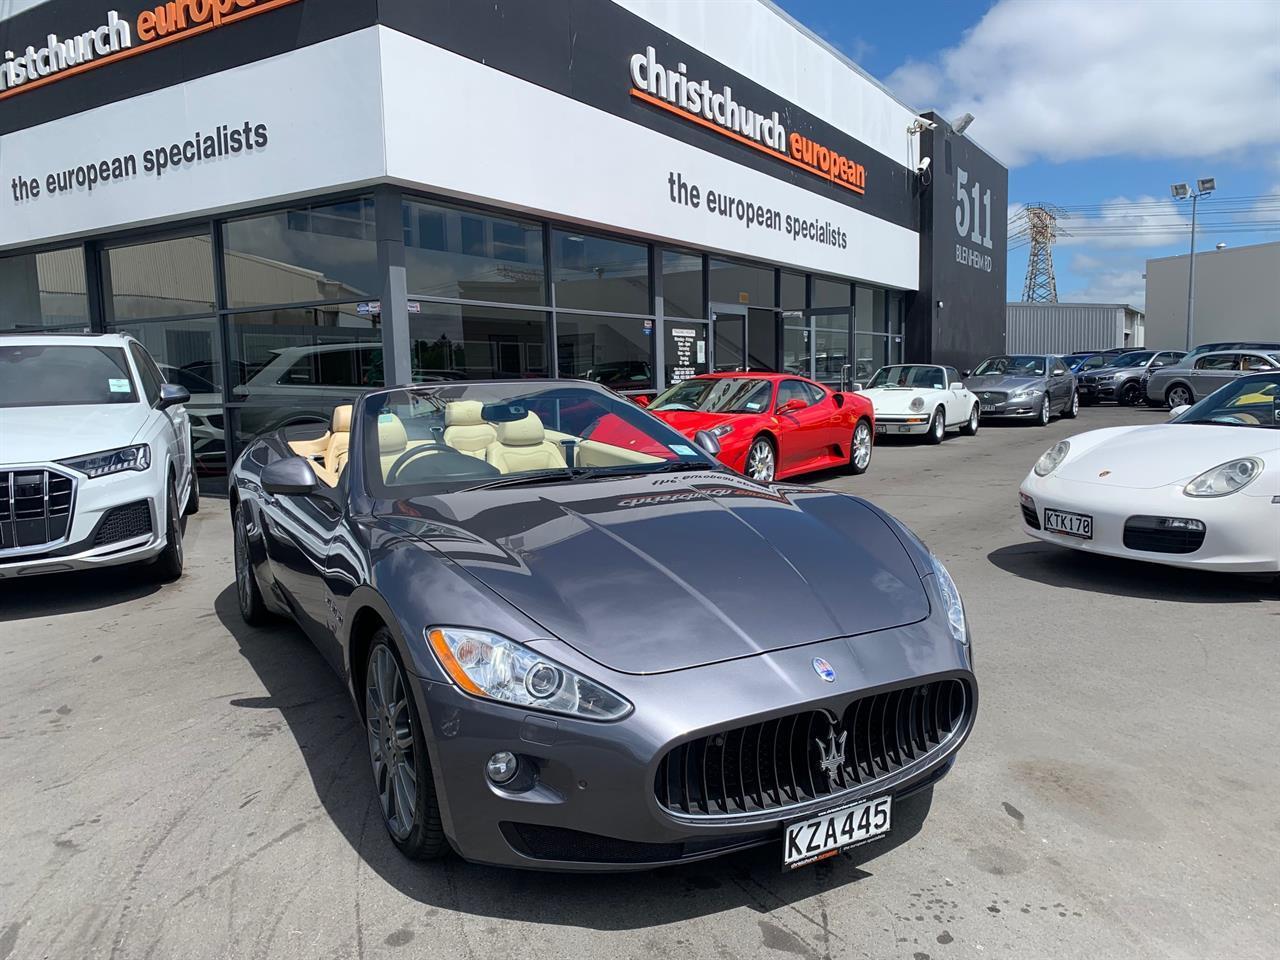 image-1, 2012 Maserati GranCabrio 4.7 V8 Roadster at Christchurch